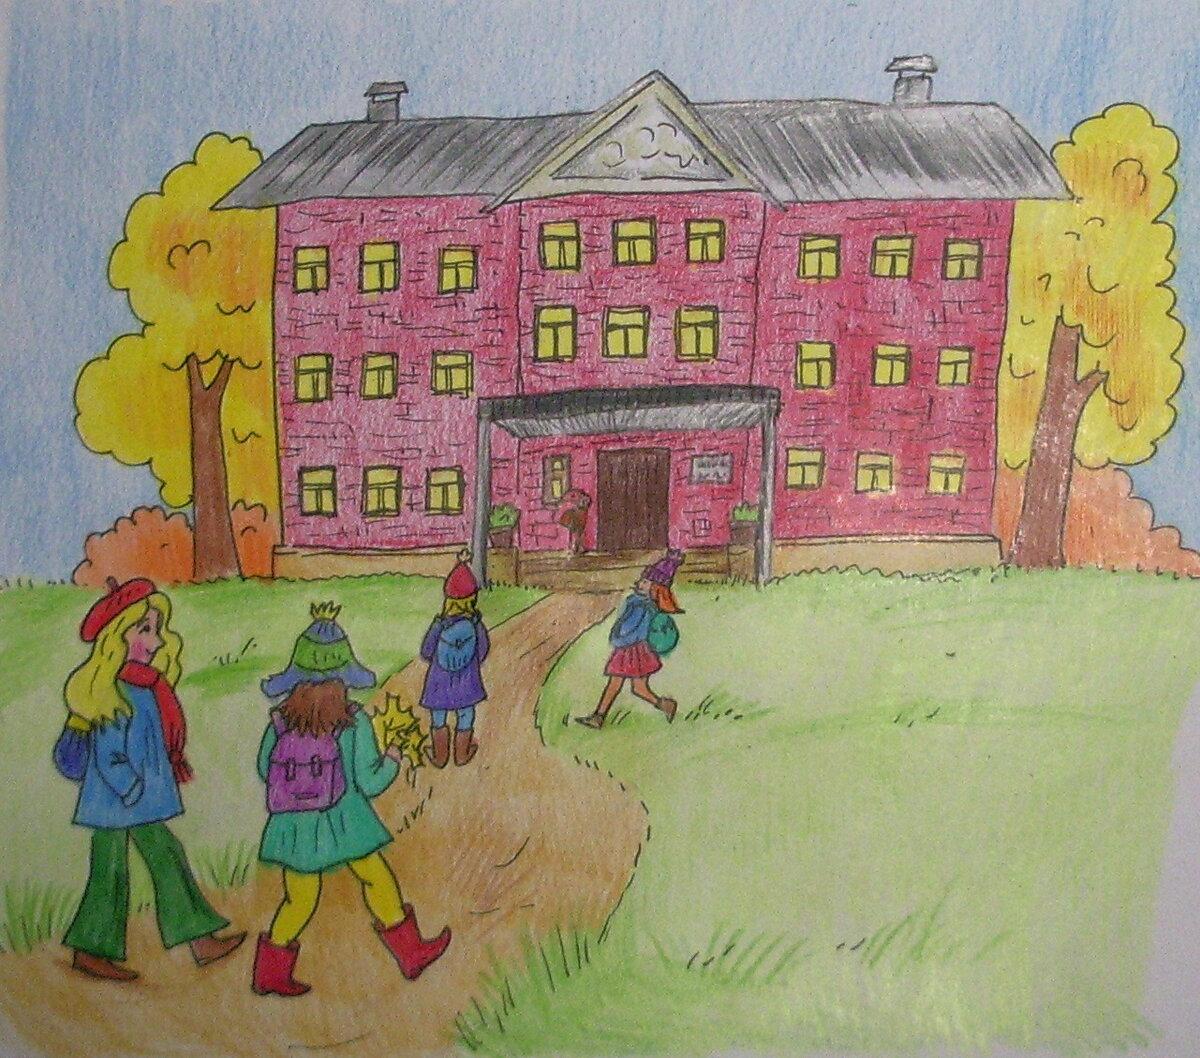 некоторых прикольные рисунки на тему моя школа предыдущей статье